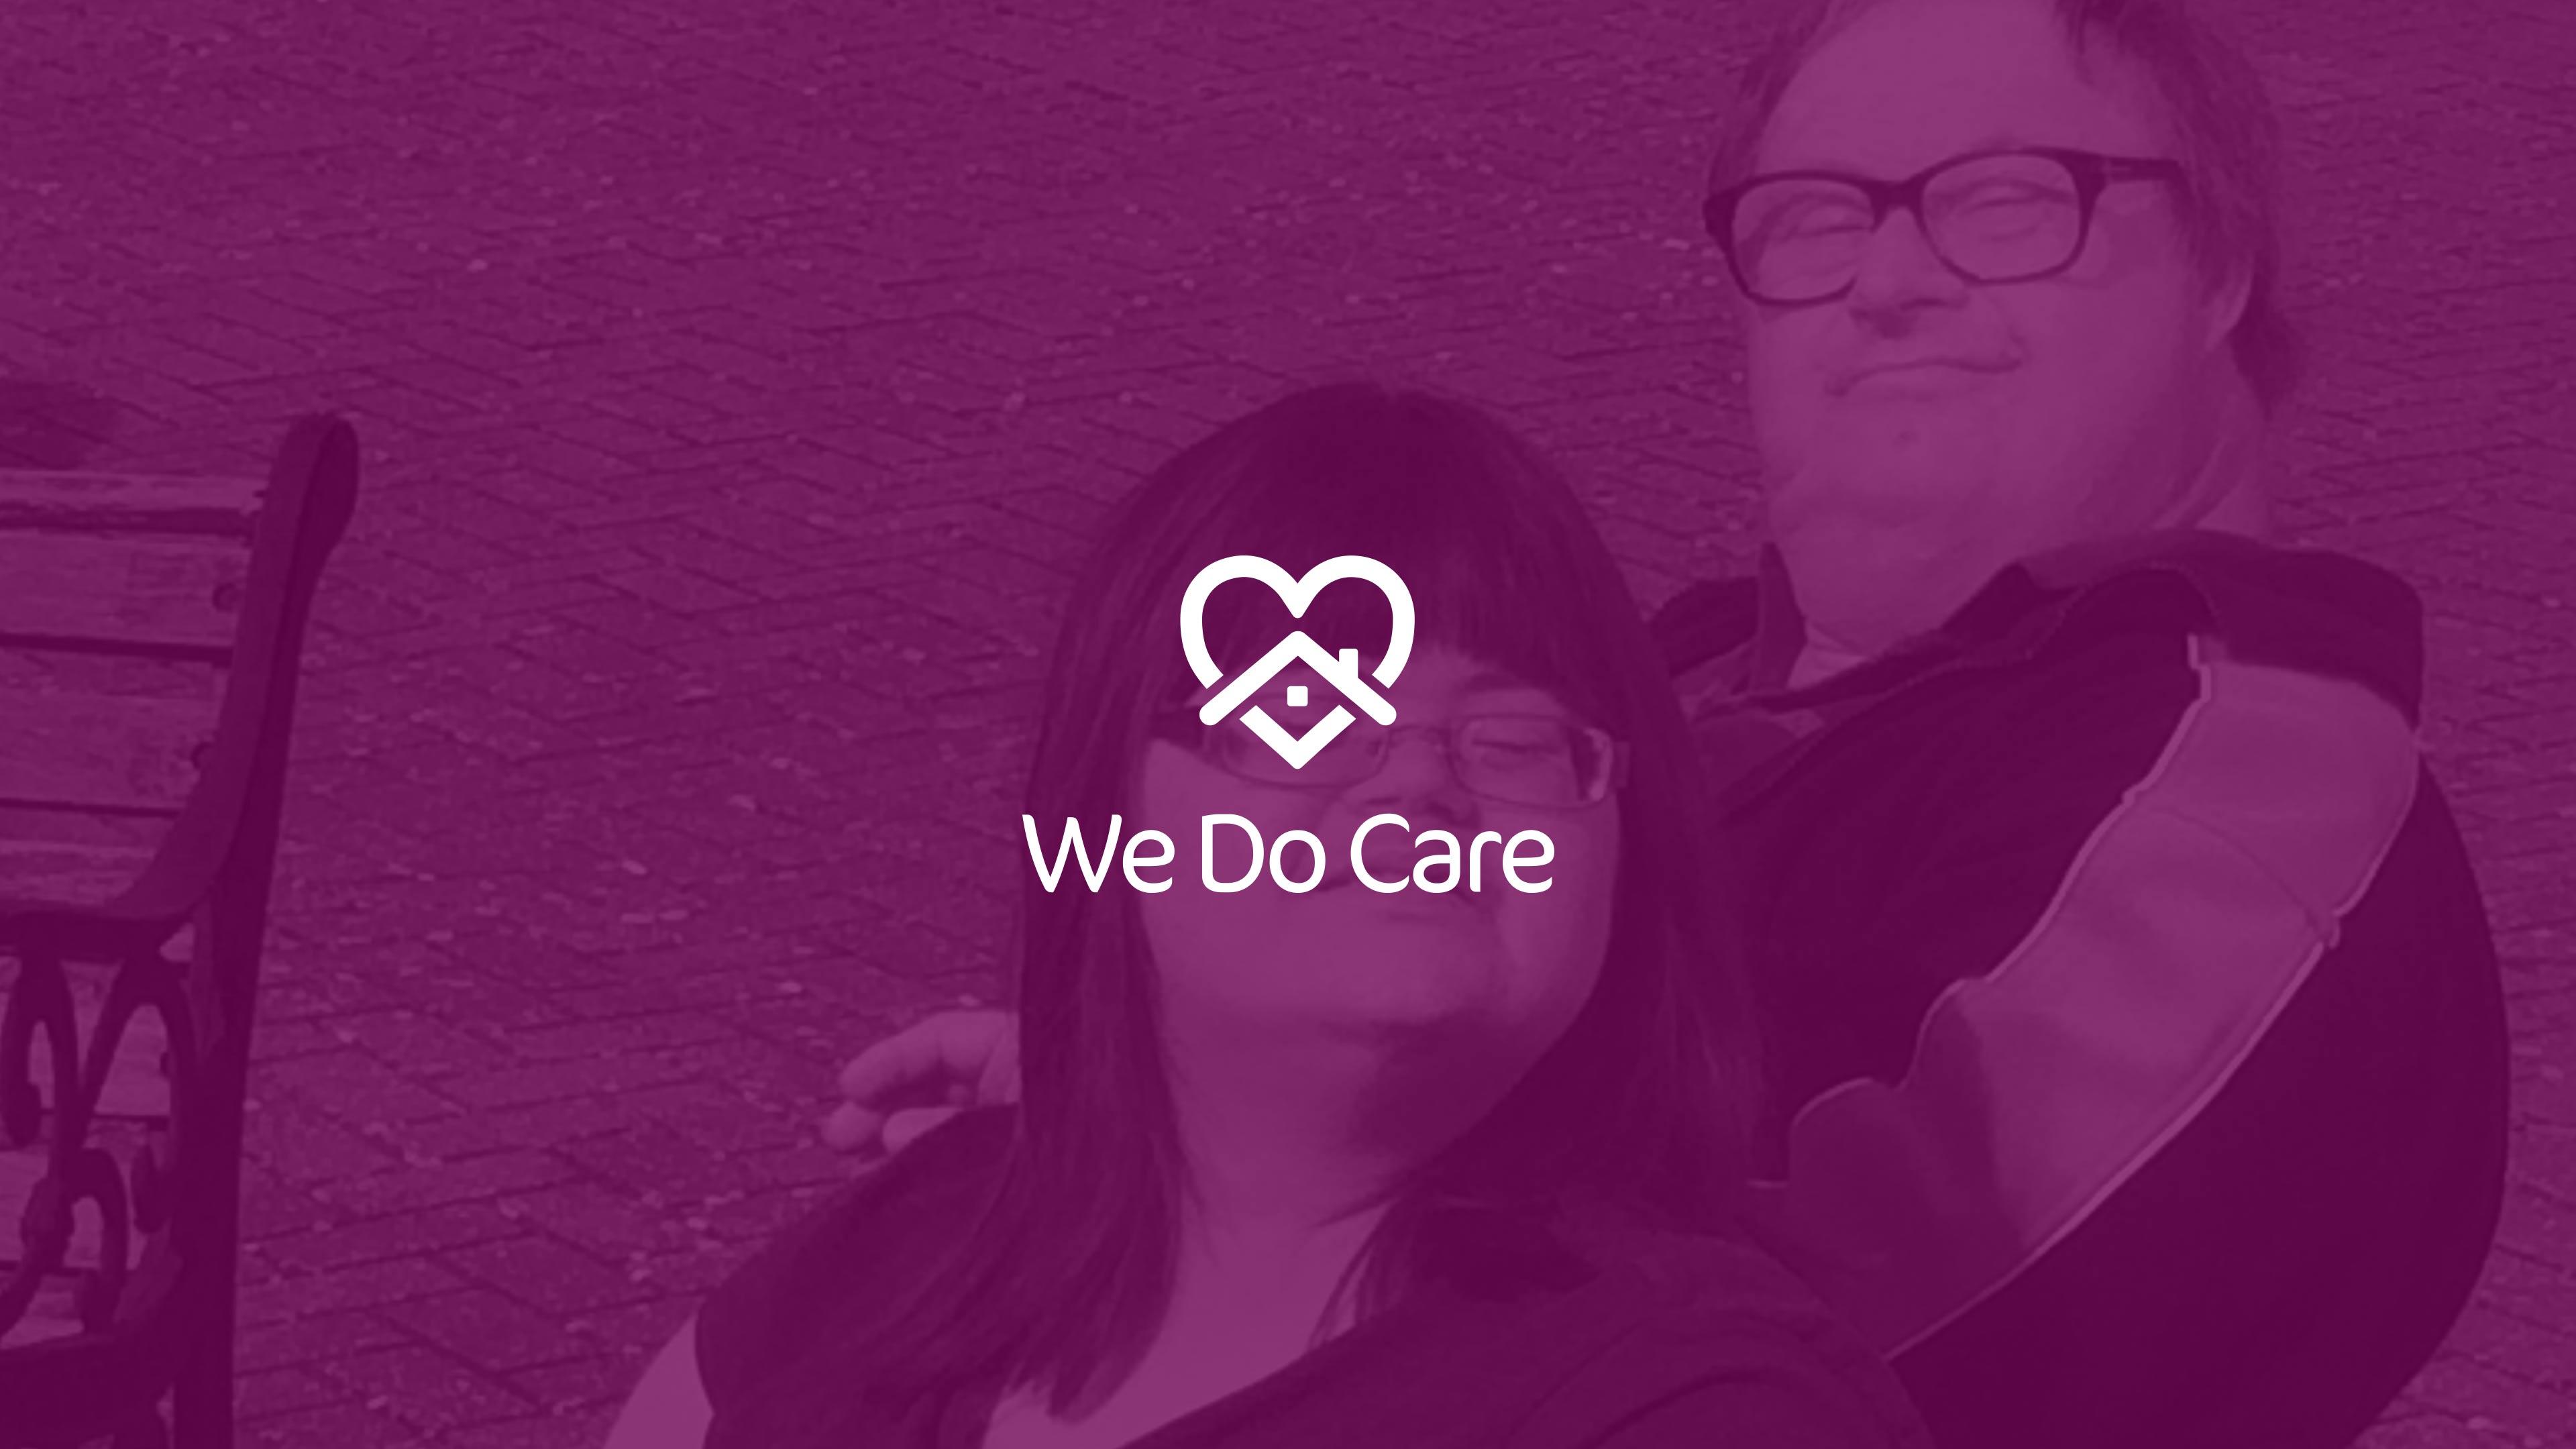 Renaissance-care-services-days-out